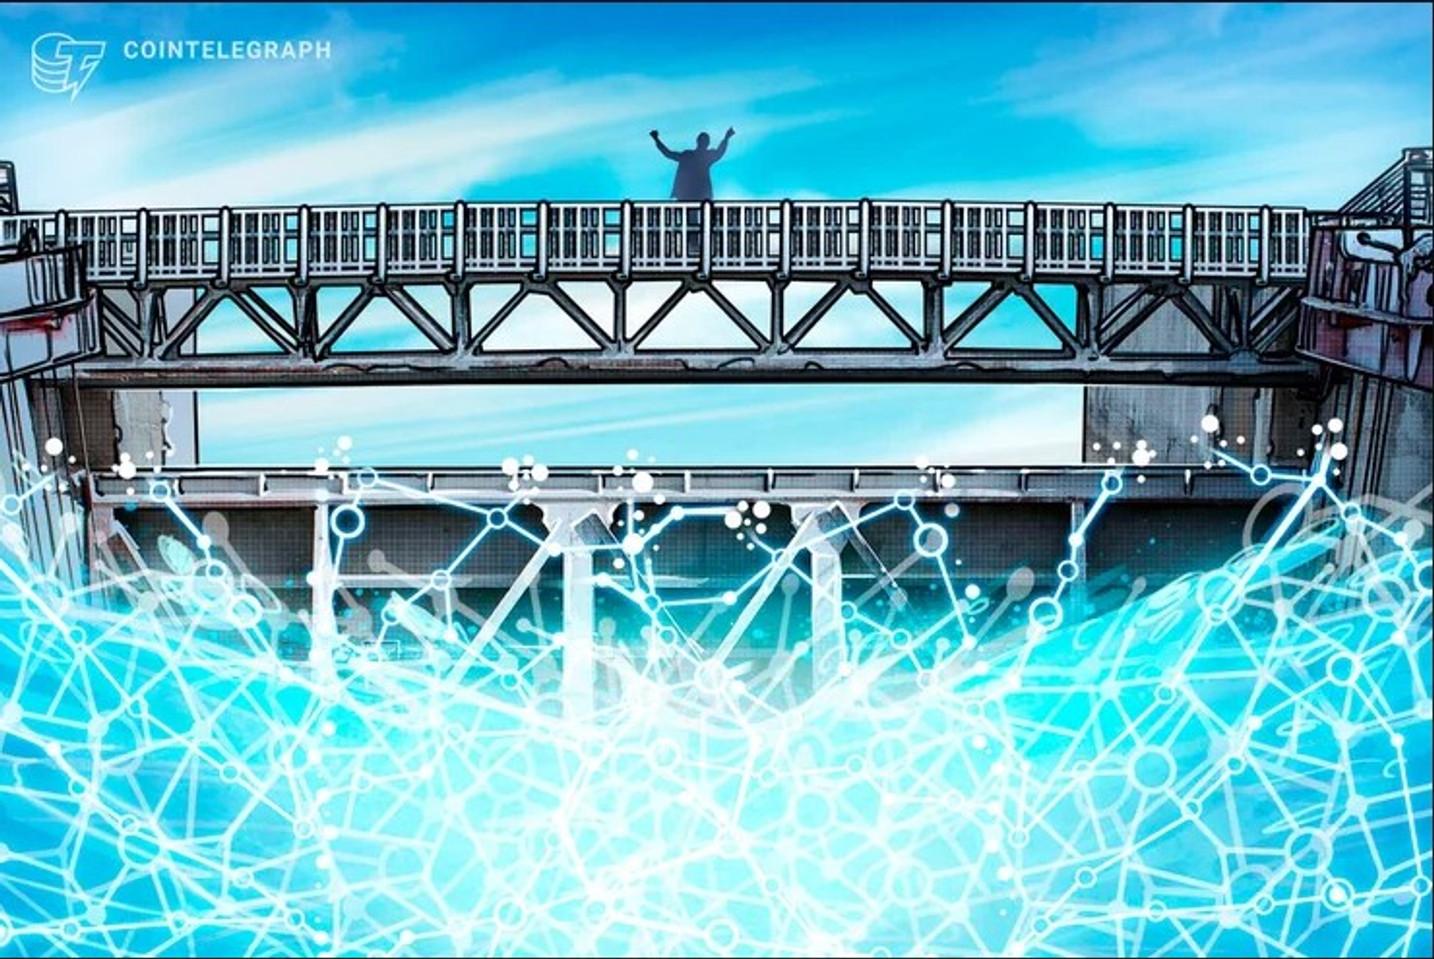 0x realiza 550 transações por segundo na rede Ethereum com nova solução de escalabilidade